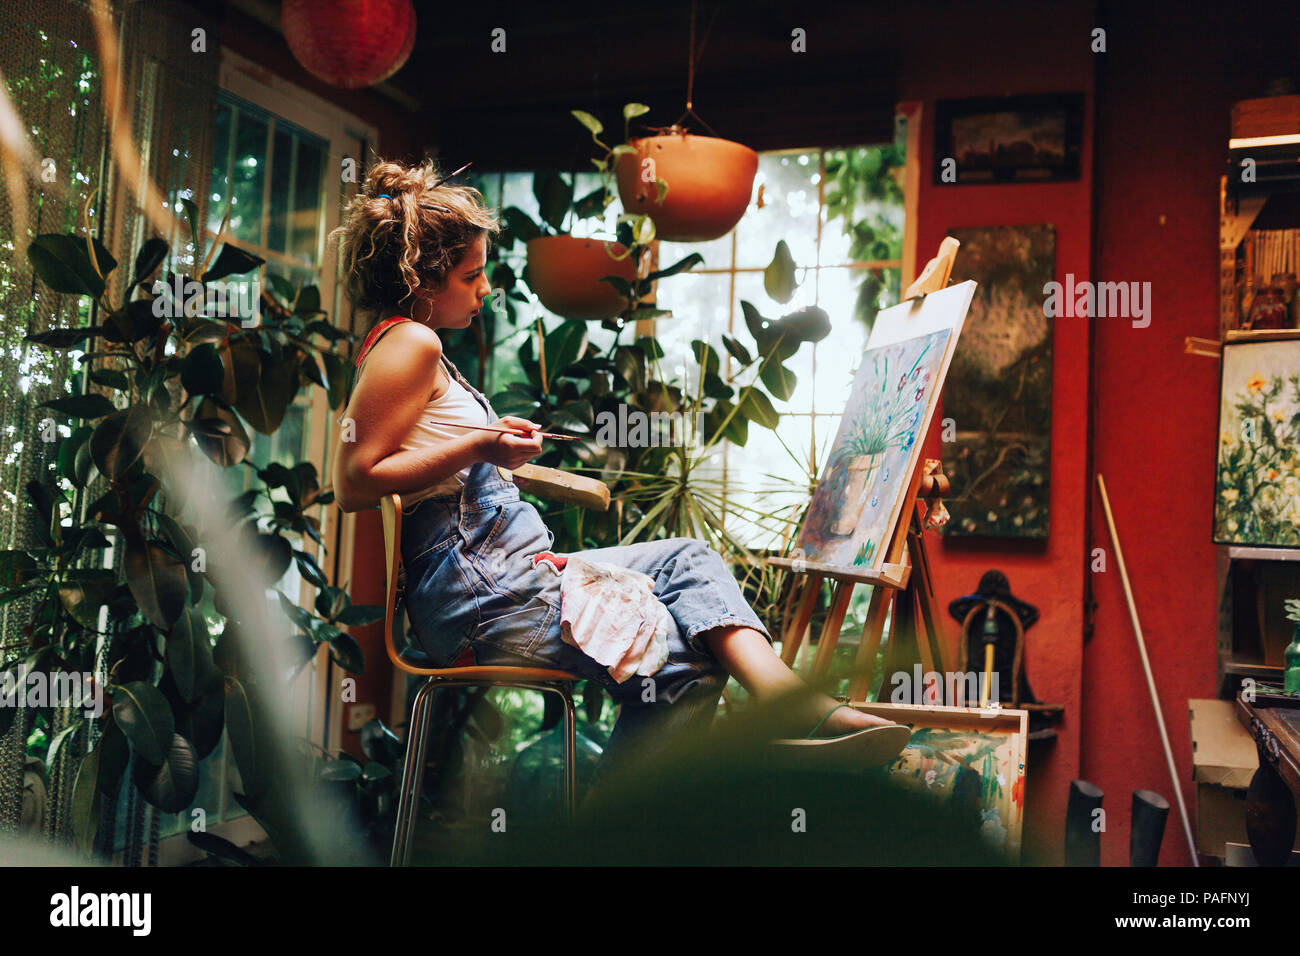 Piscina colpo di professional artista femminile dipinto su tela in studio con piante. Immagini Stock